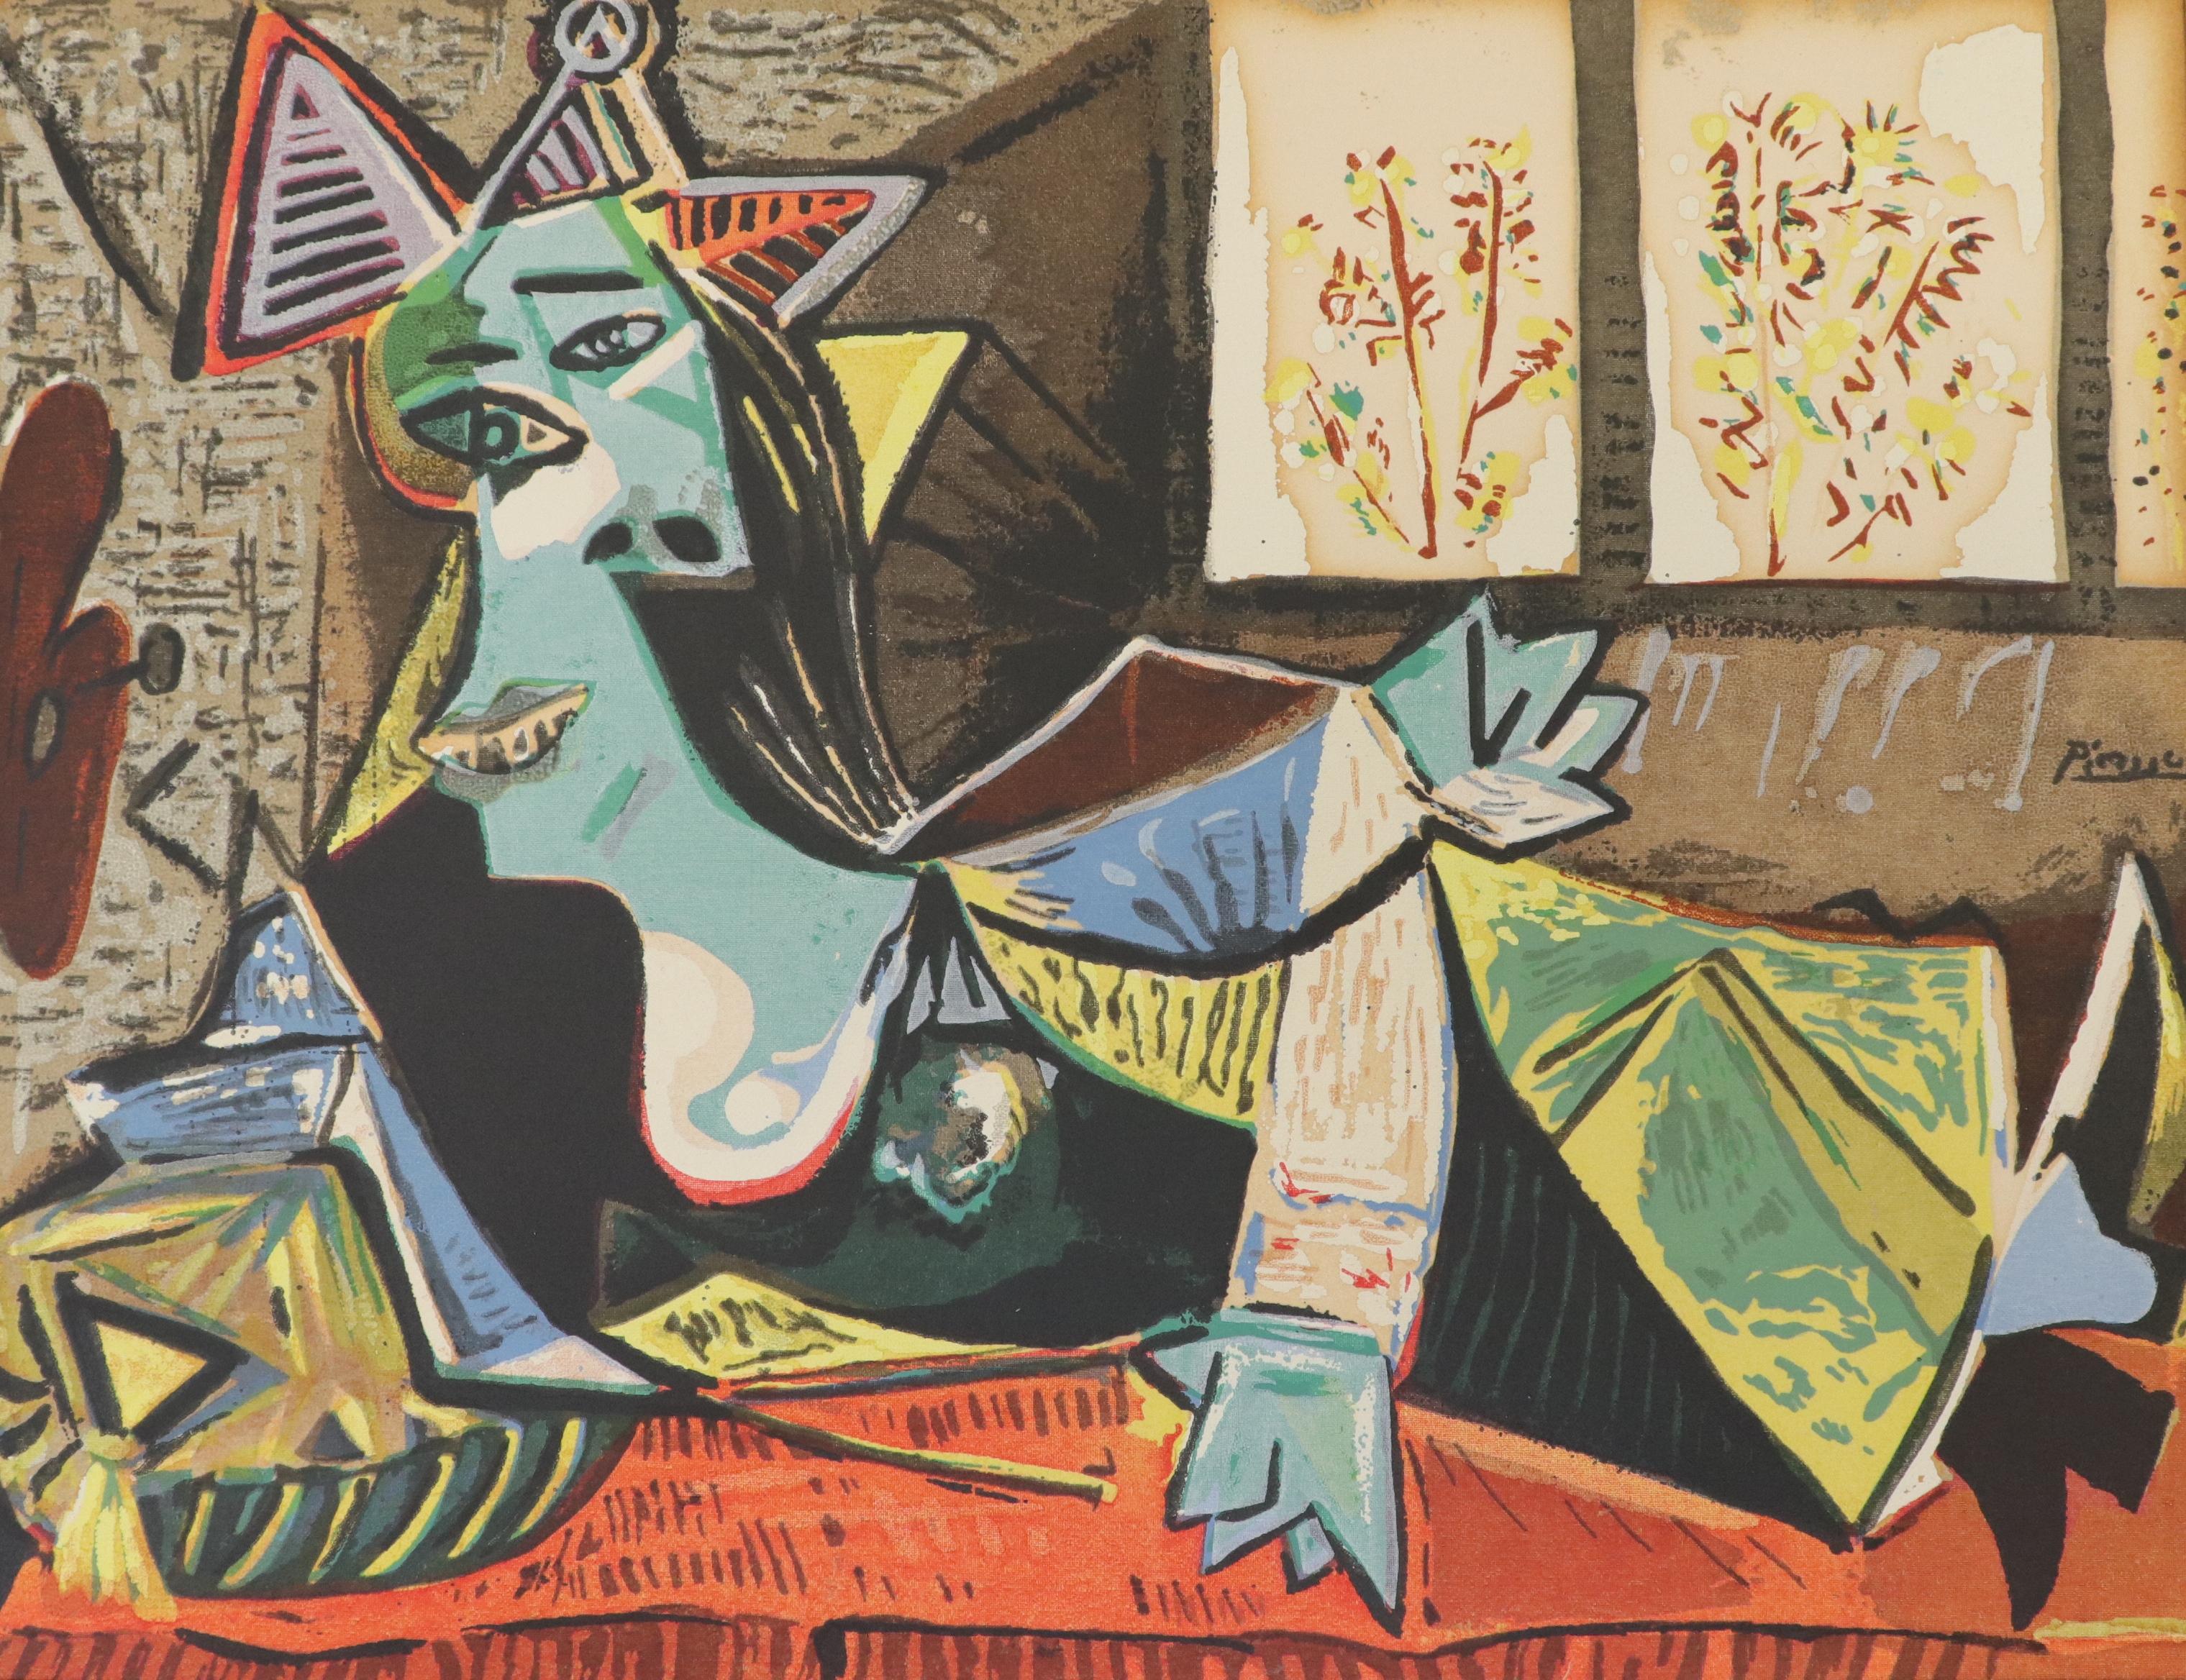 Pablo Picasso, Femme Un Divan, Serigraph.600.900